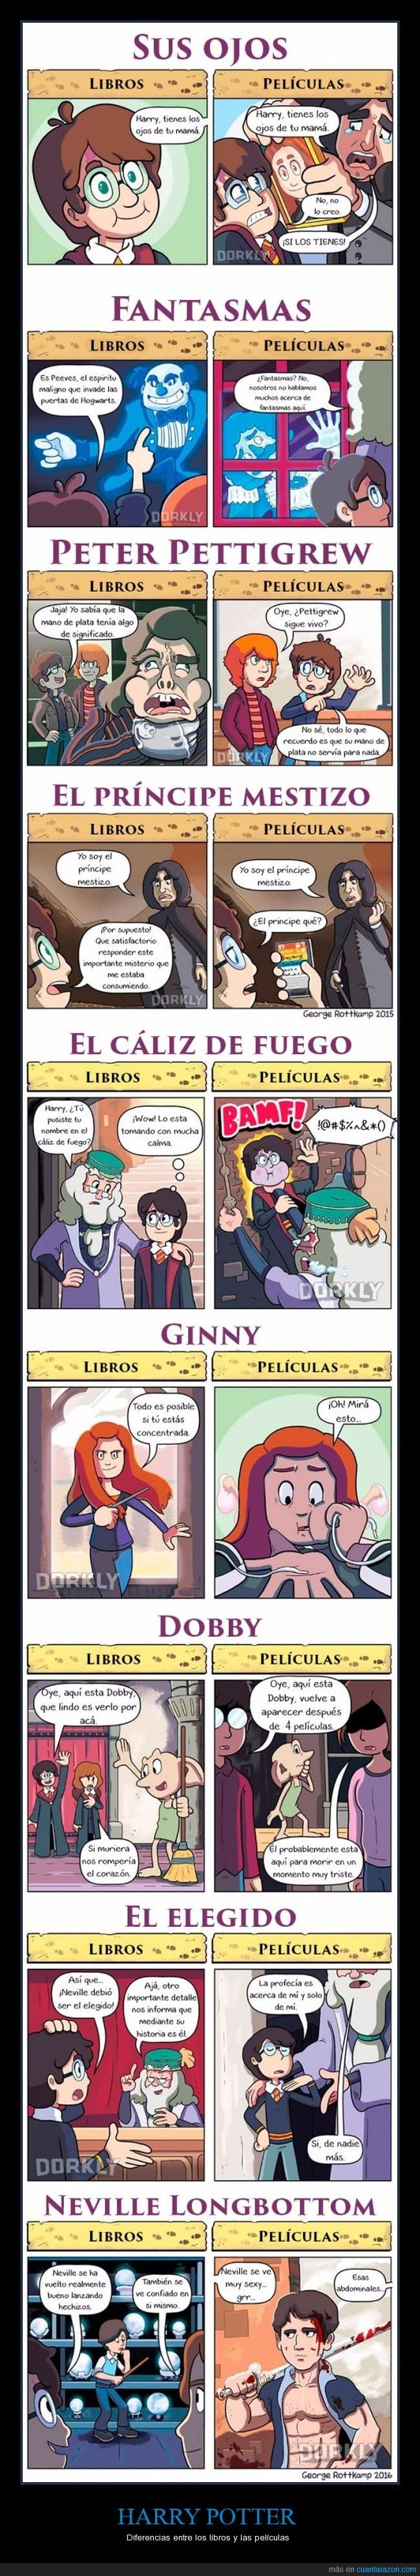 1012749 - Las diferencias entre el Harry Potter de los libros y el de las películas